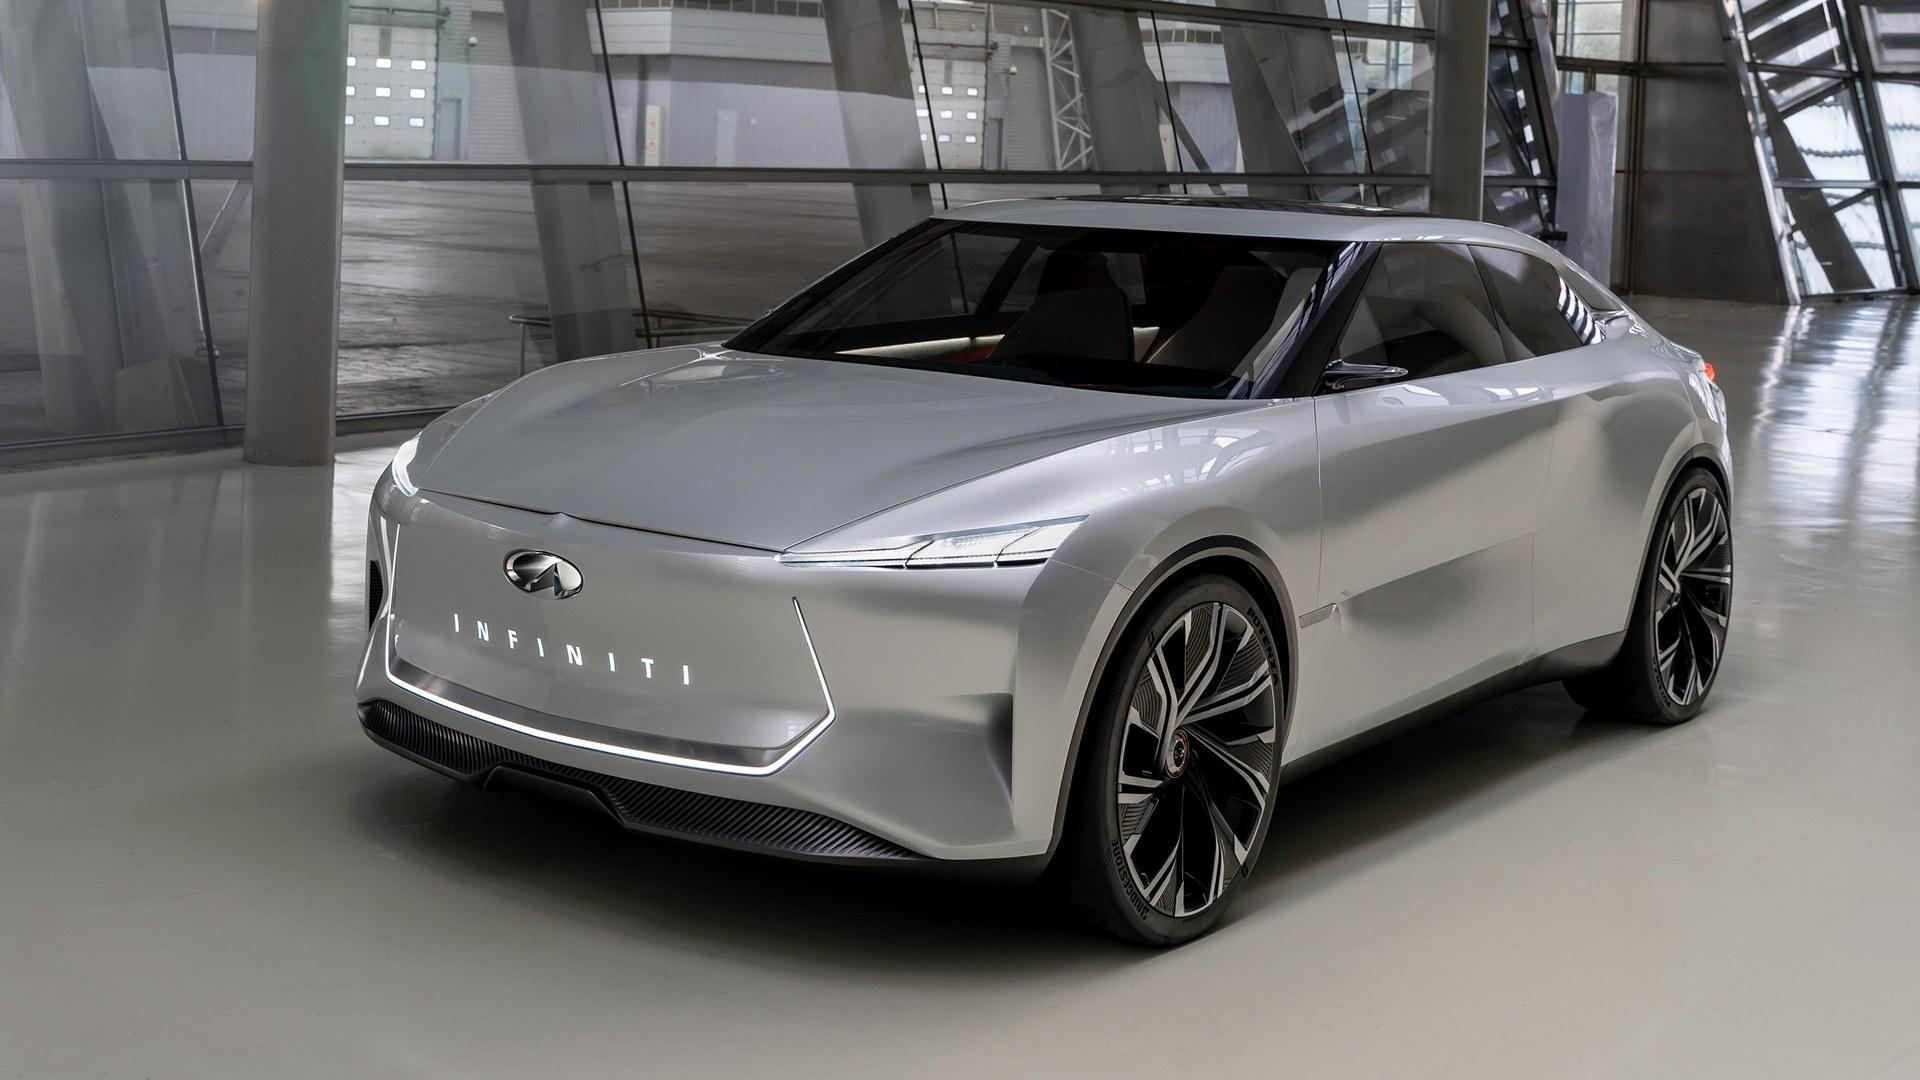 La nueva Infiniti tendrá menos de Daimler y más de Nissan